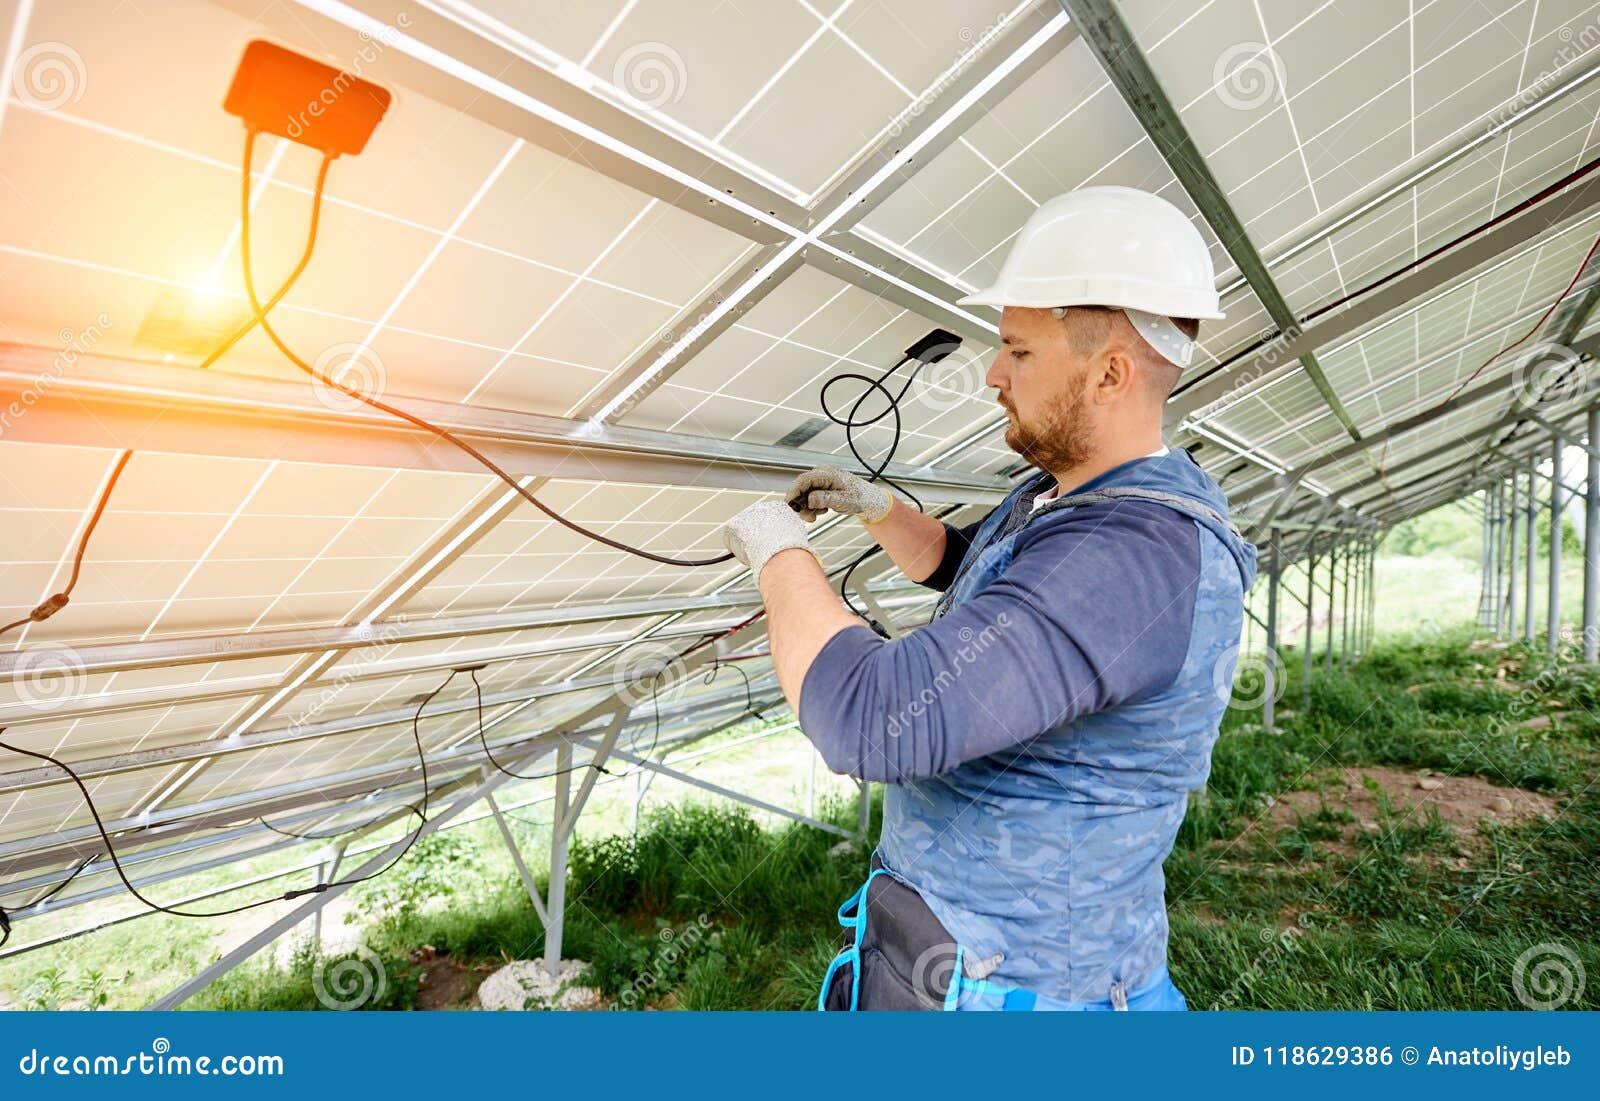 安装太阳照片流电盘区系统